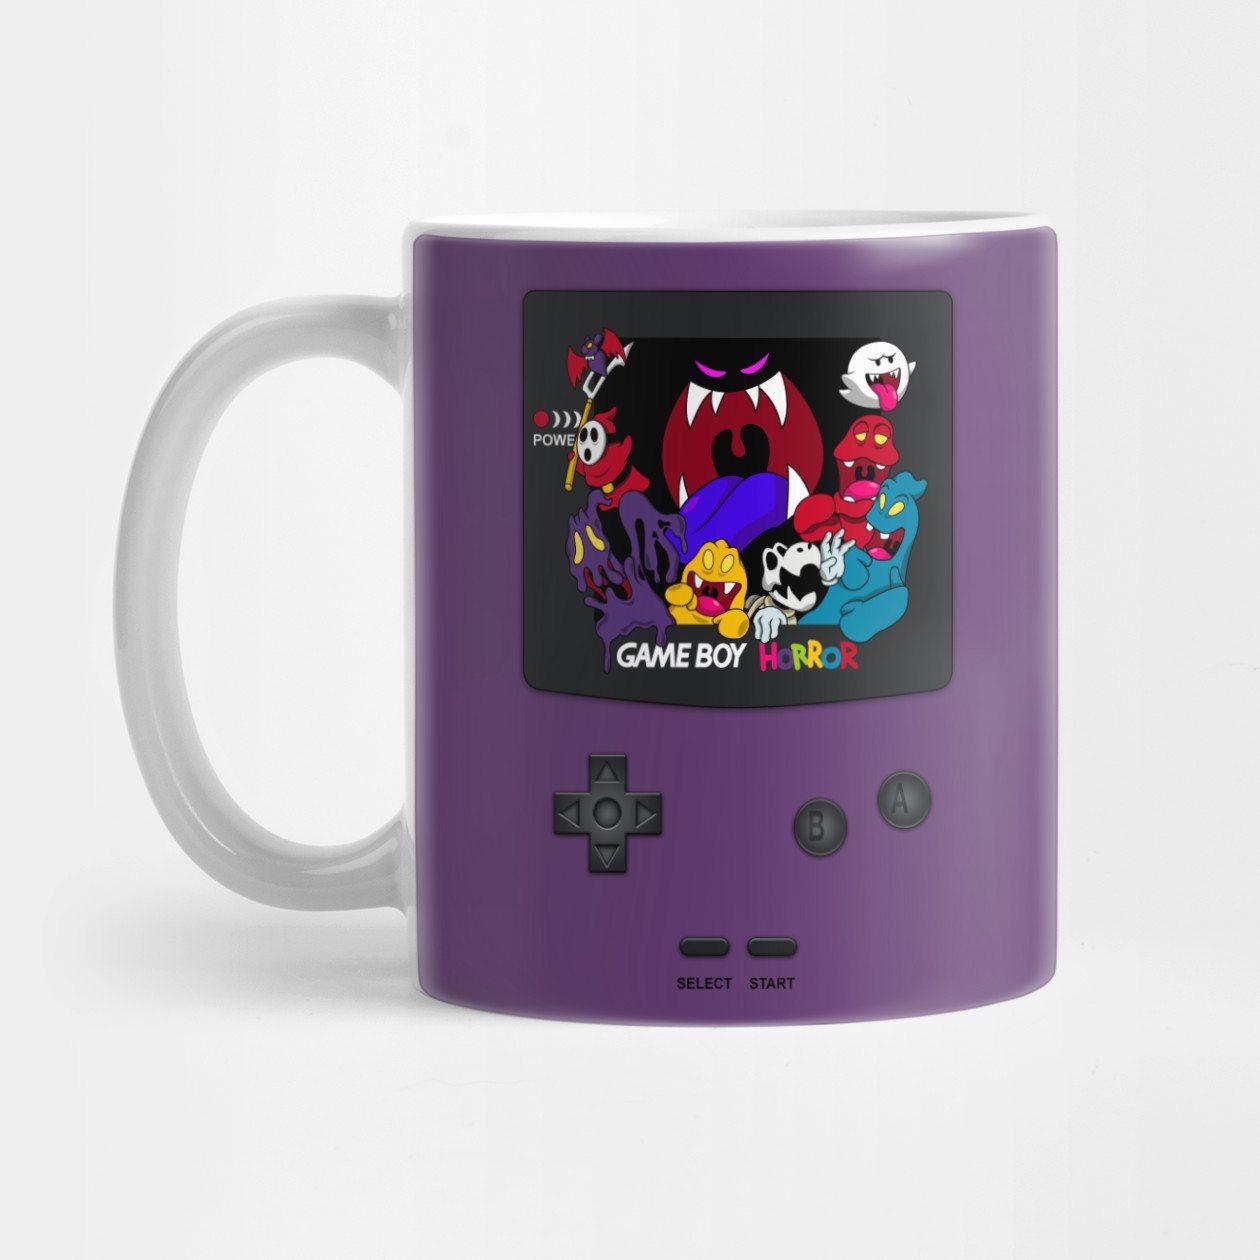 Haunted Game Boy (Luigi's Mansion Version) Mug